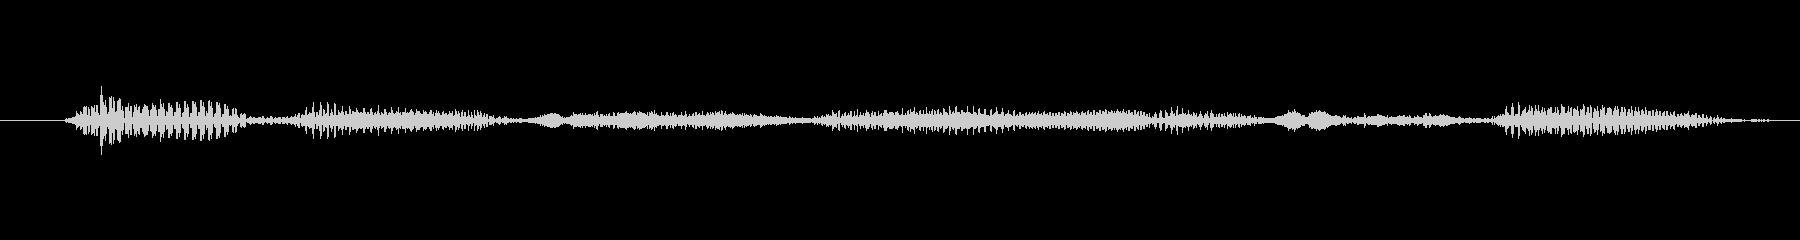 いらっしゃいませ の未再生の波形